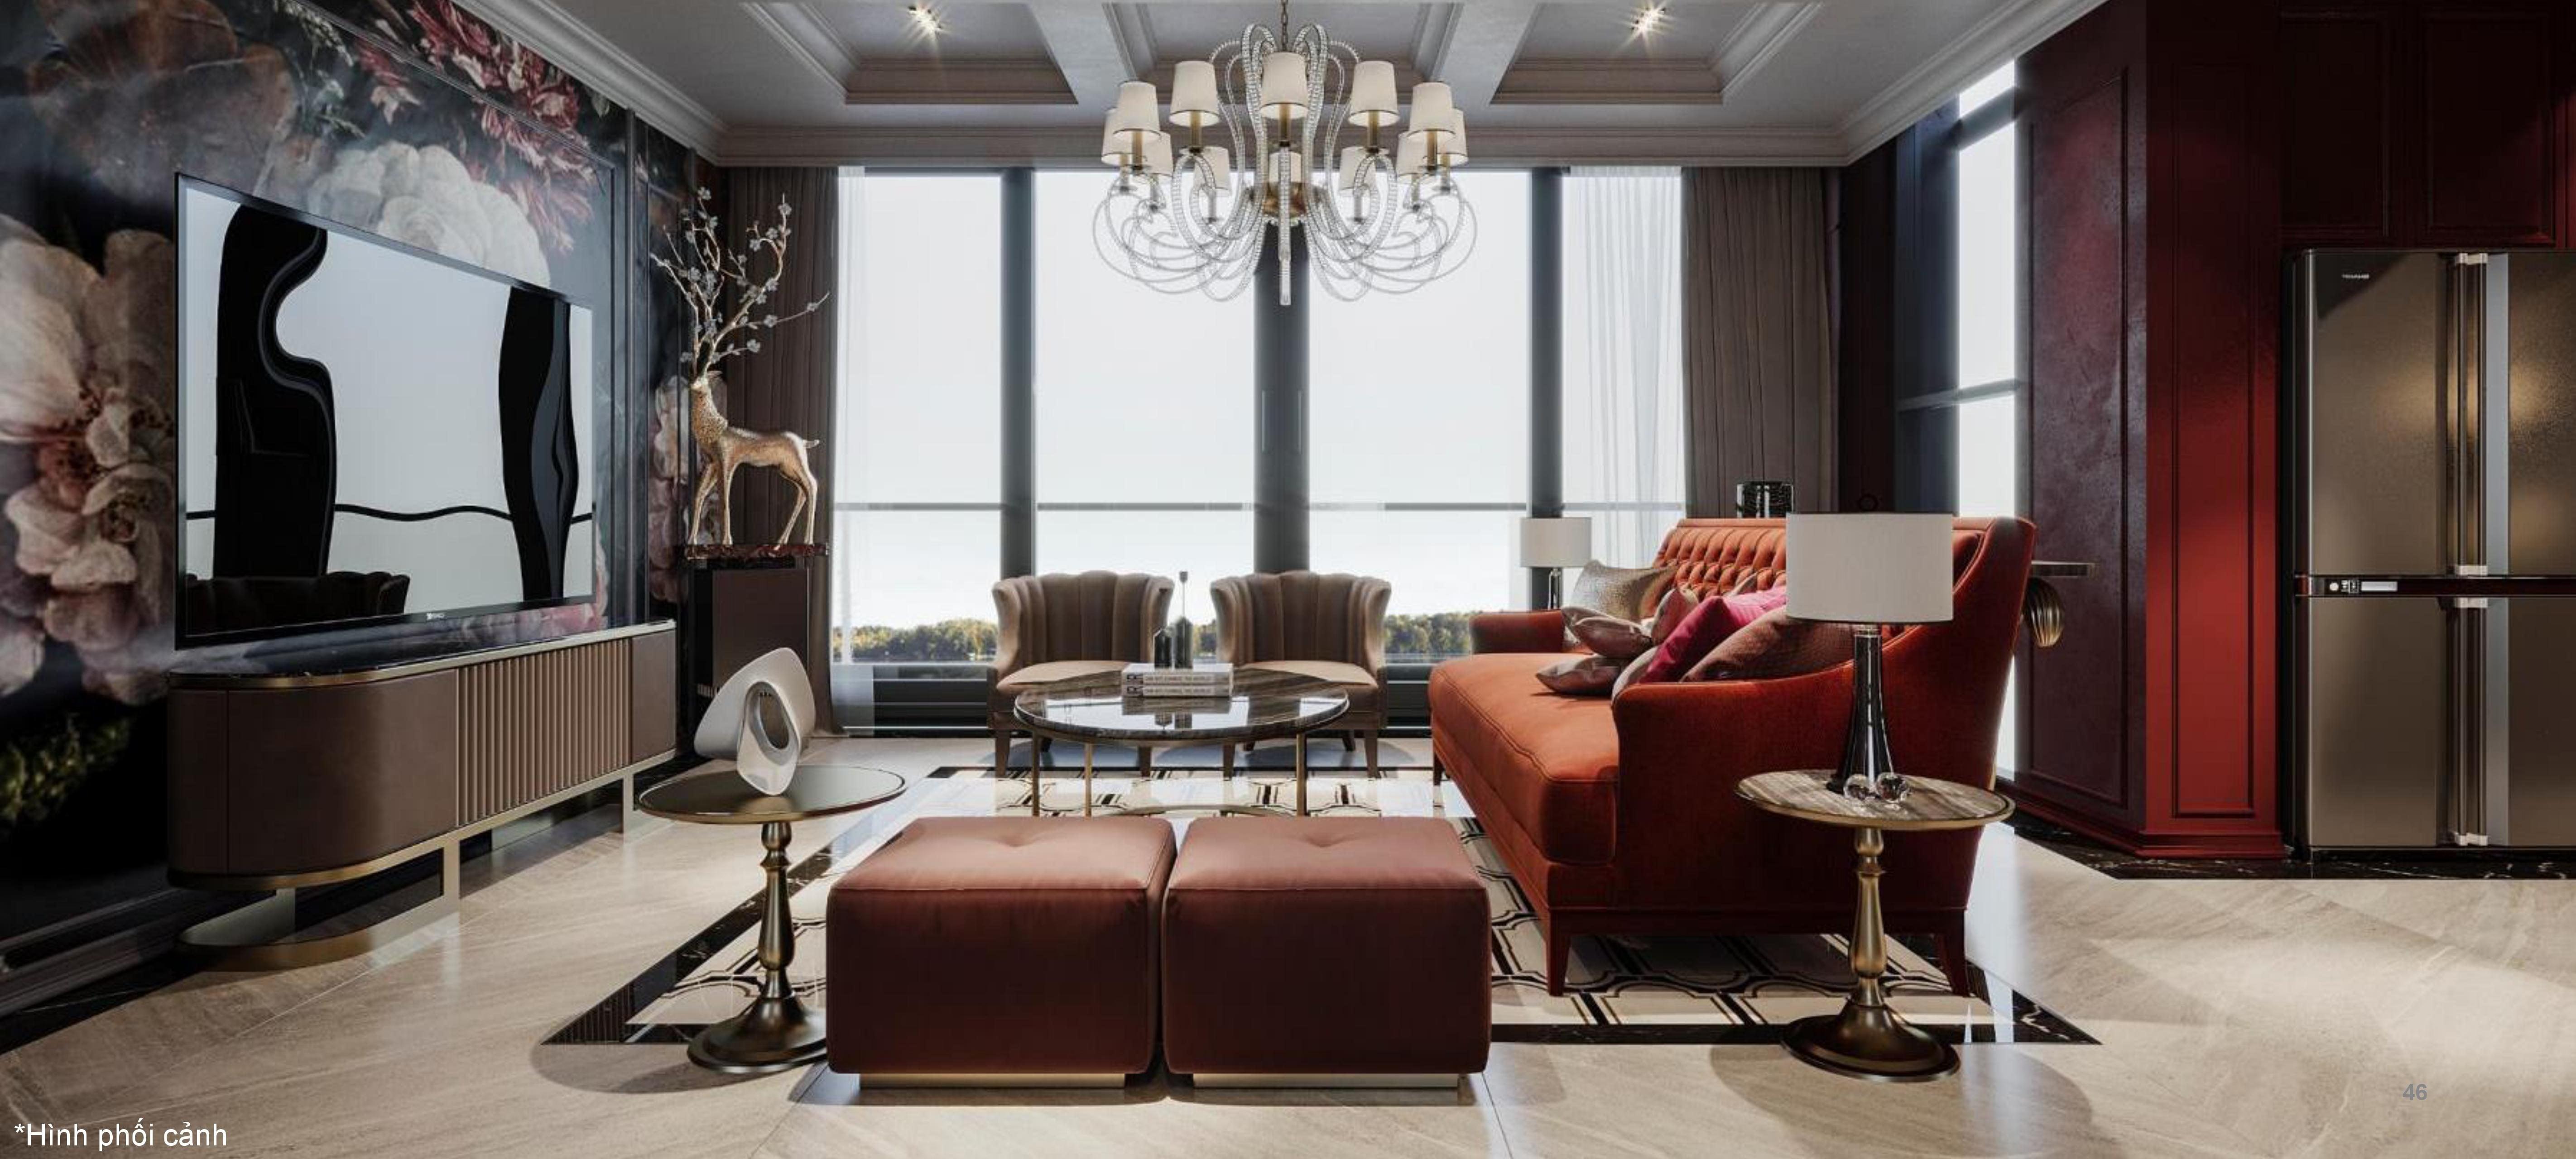 Thiết kế đẹp mắt và sang trọng tại căn hộ dự án Panomax River Villa